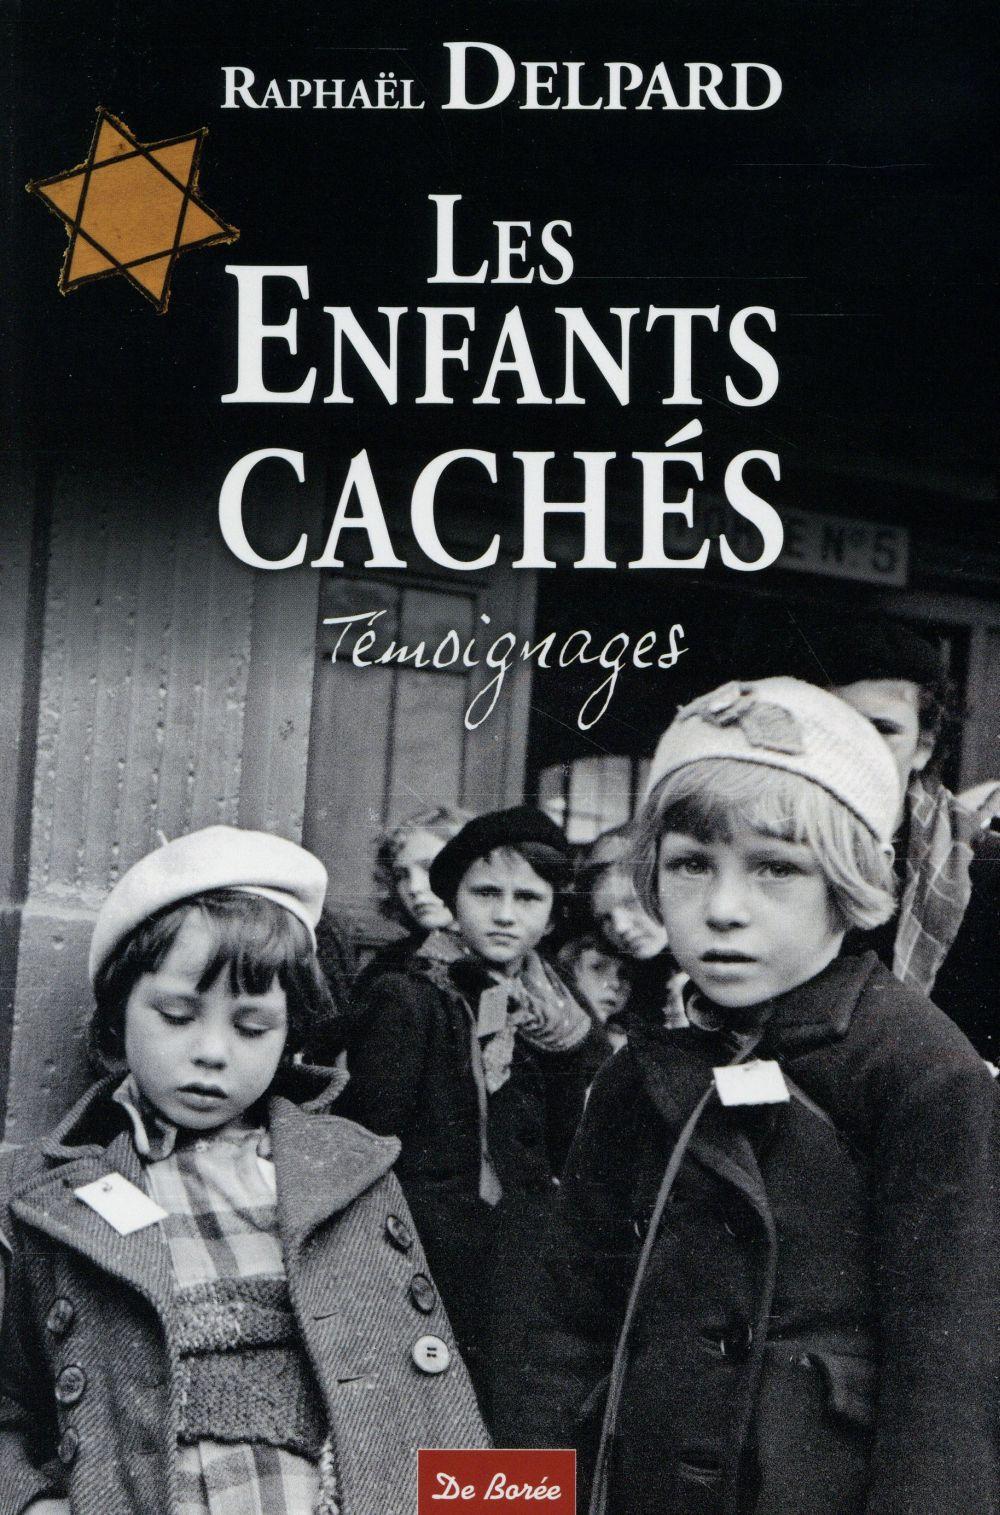 Les enfants cachés